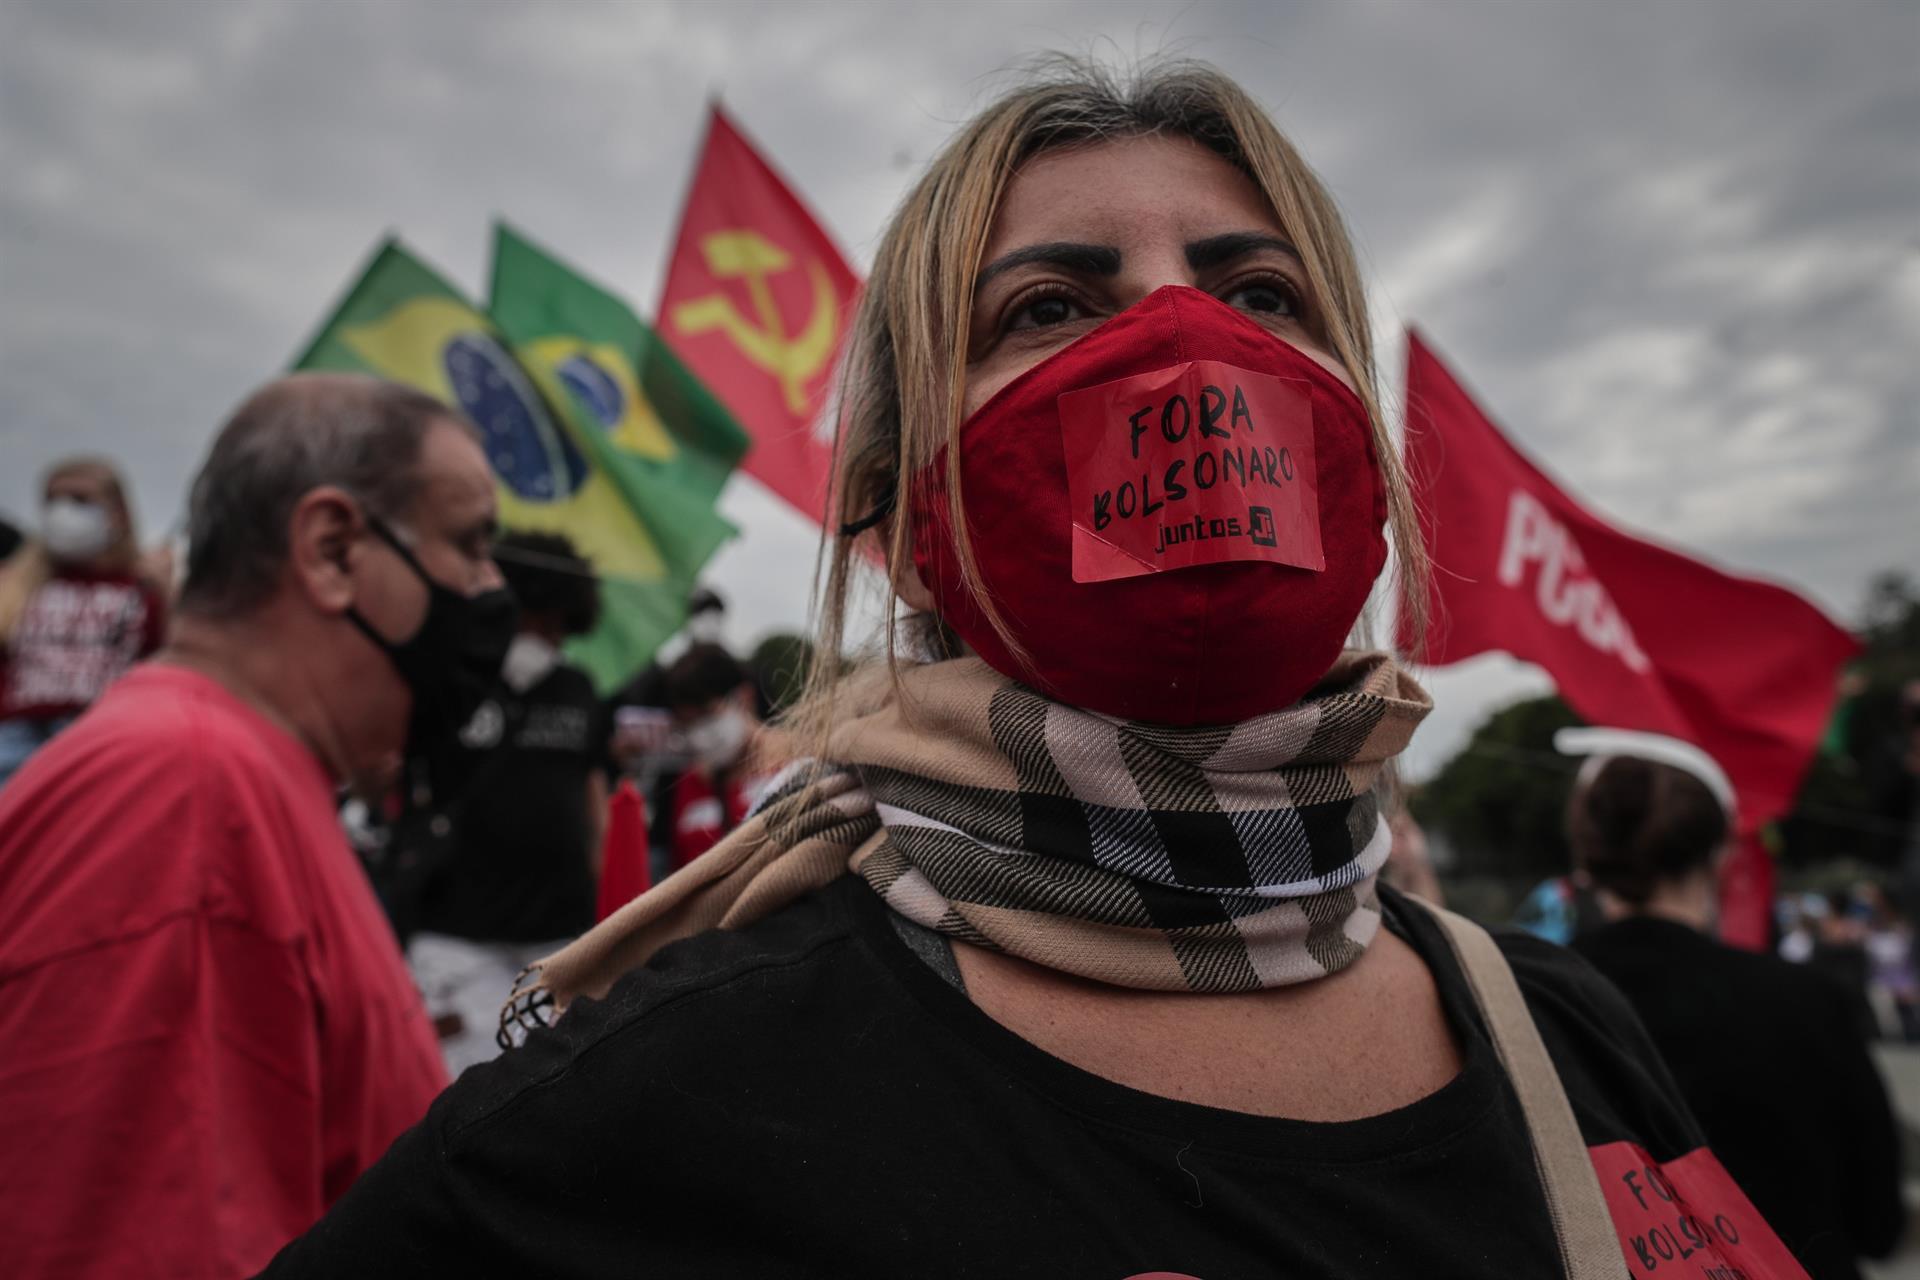 """Manifestante protesta no Rio de Janeiro: """"fora Bolsonaro"""". Foto: Agência EFE"""